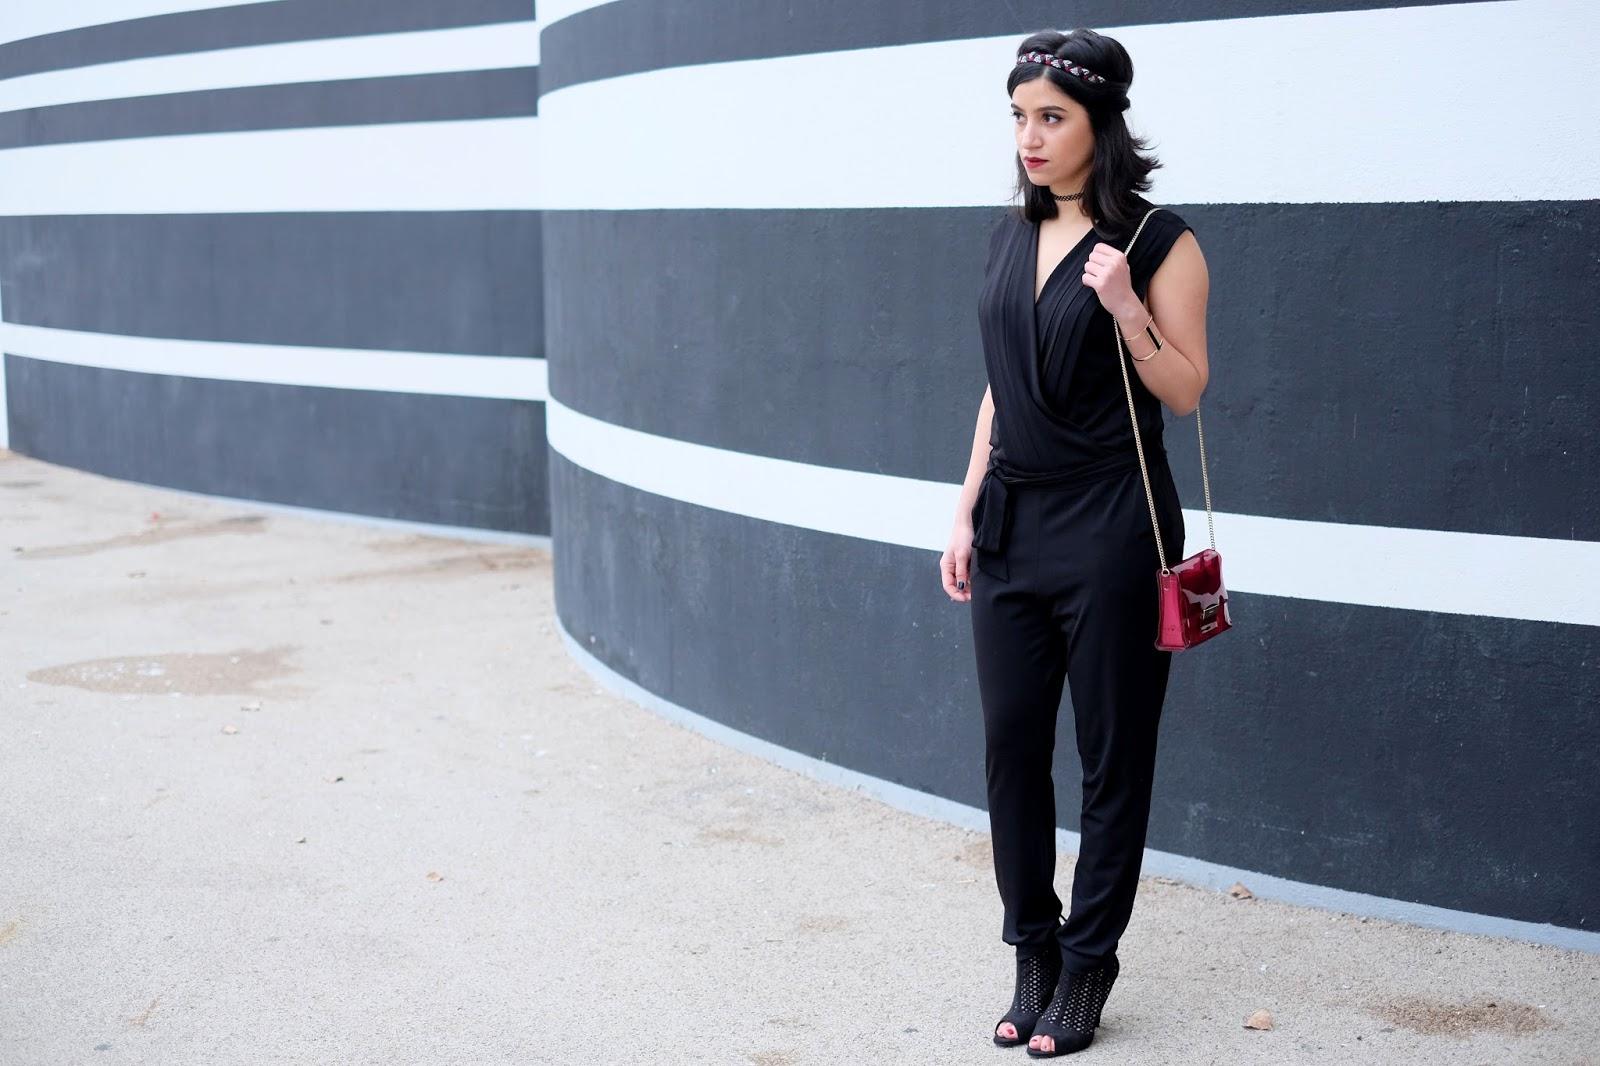 le dernier 0b505 472a5 LookDeFête | La combinaison noire | Ameni Daily - Blog Mode ...